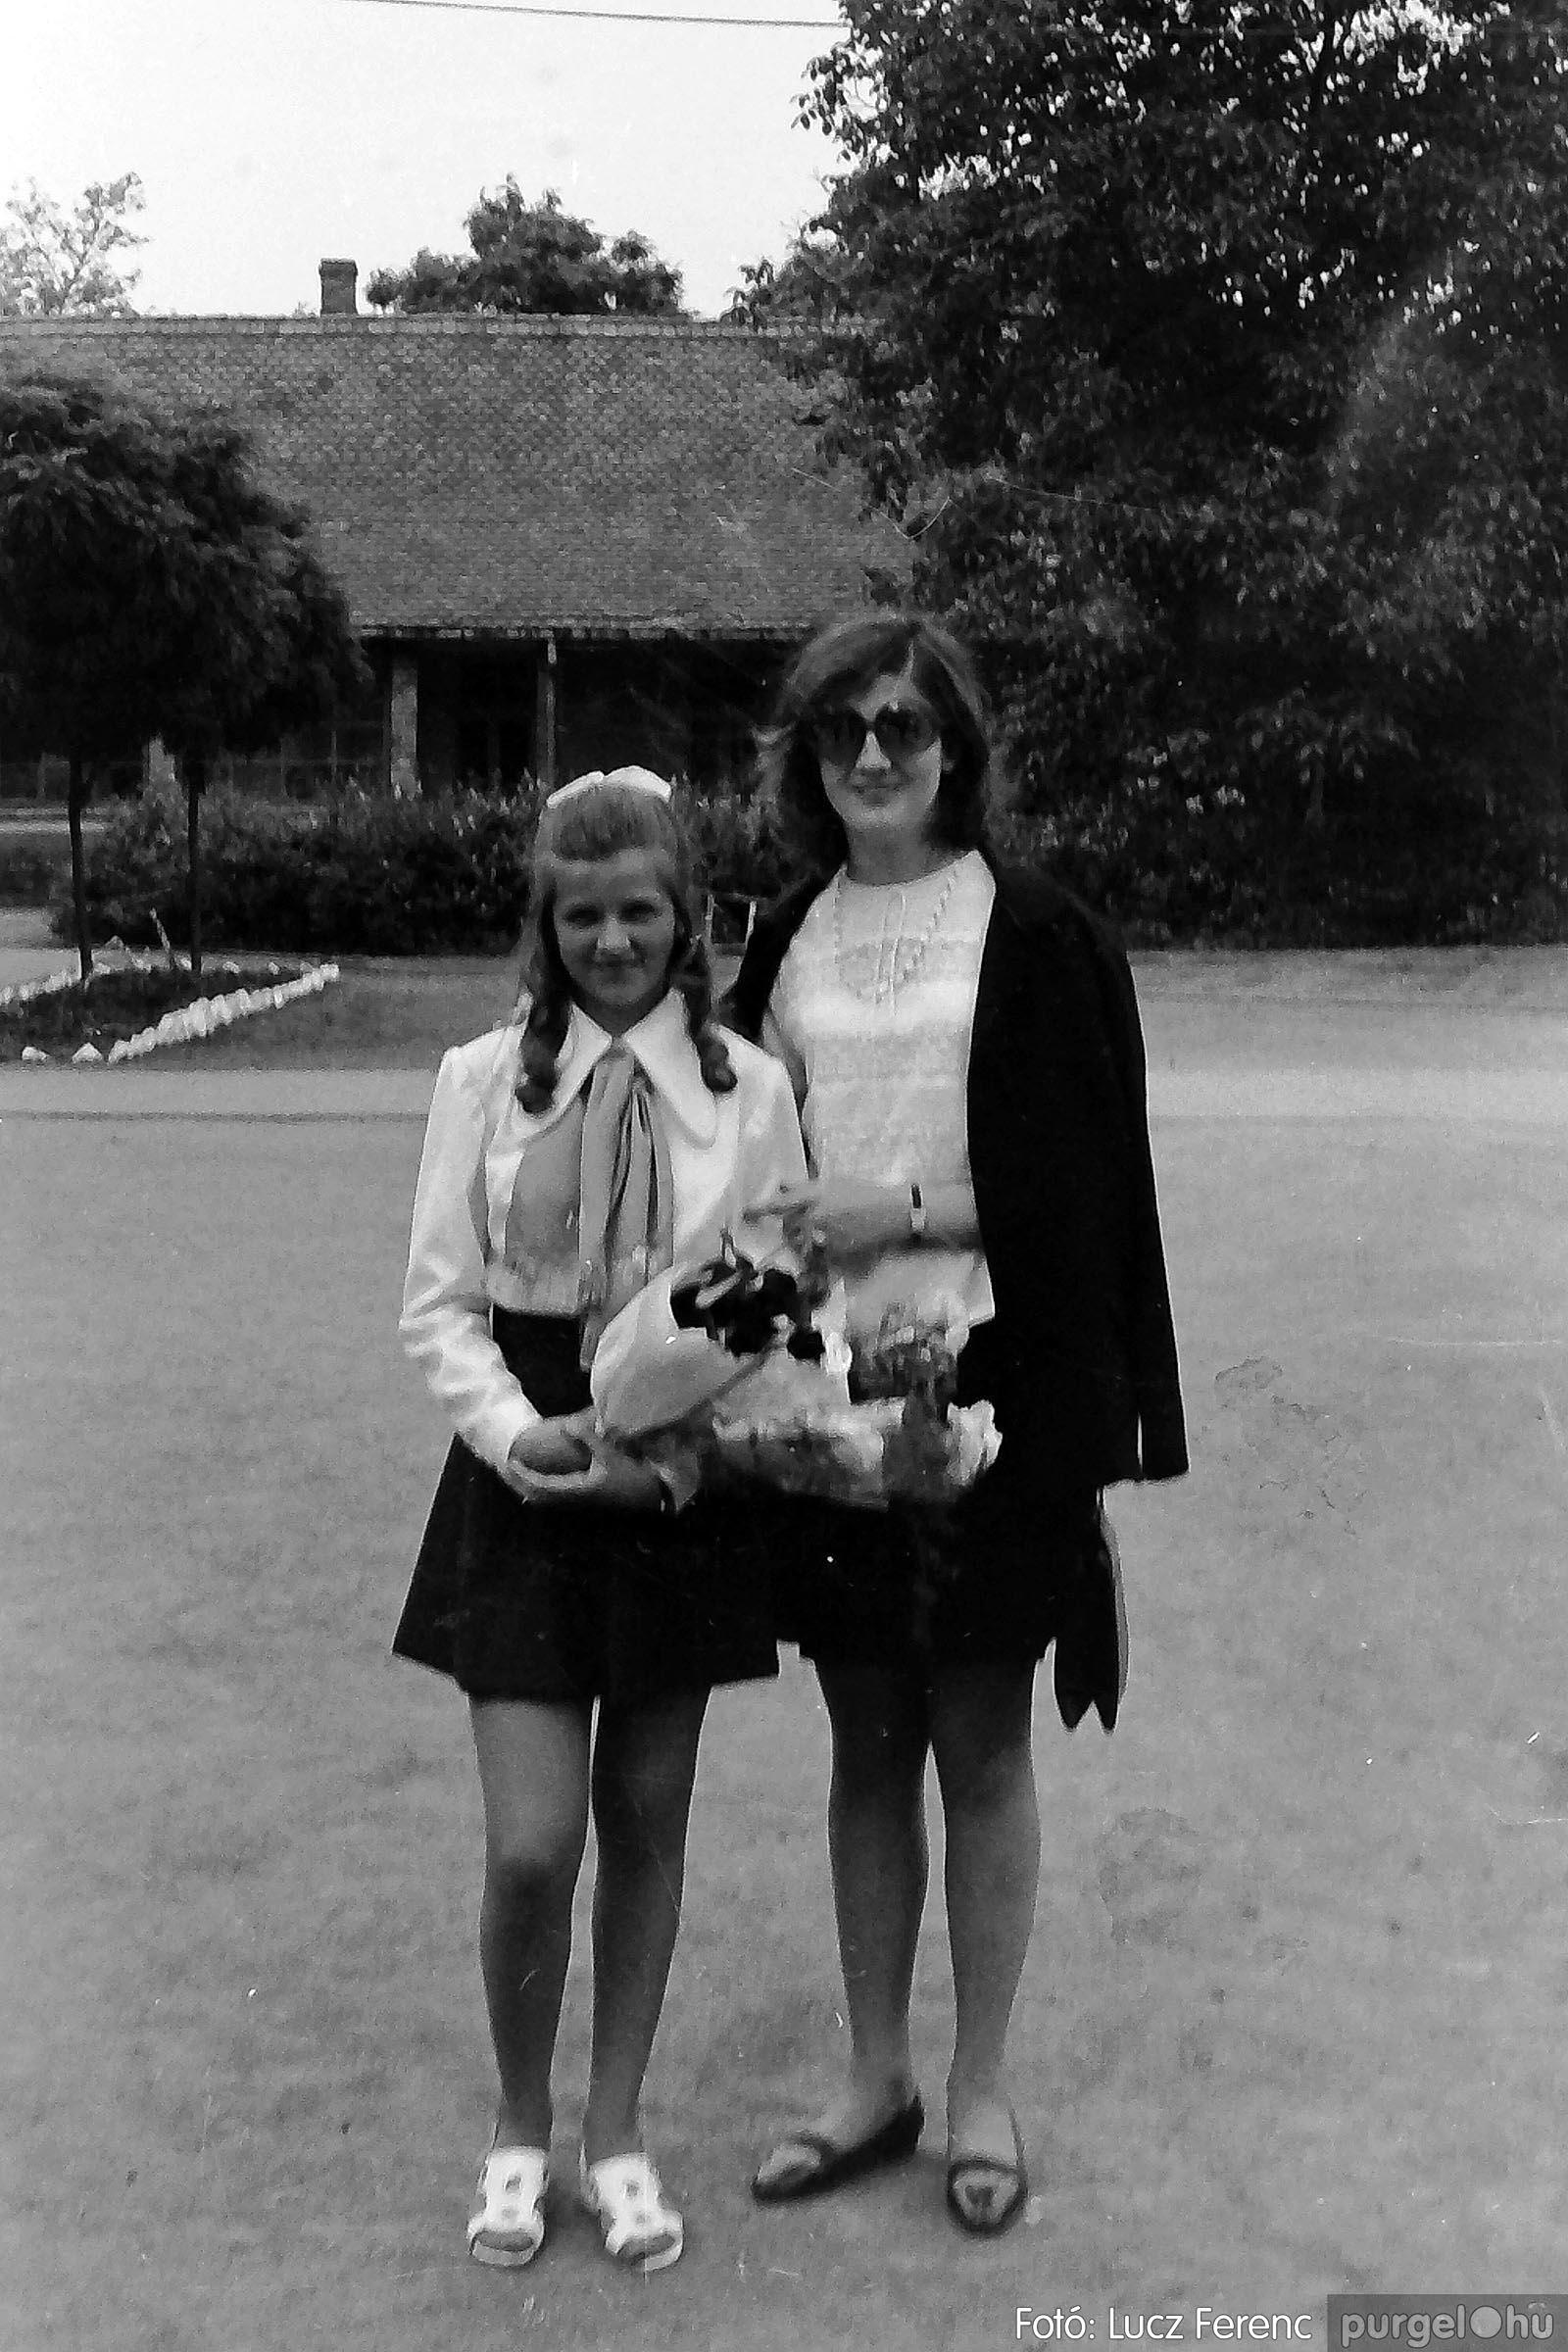 001 1972.05.27. Ballagás a szegvári iskolában 027 - Fotó: Lucz Ferenc - IMG01046q.jpg